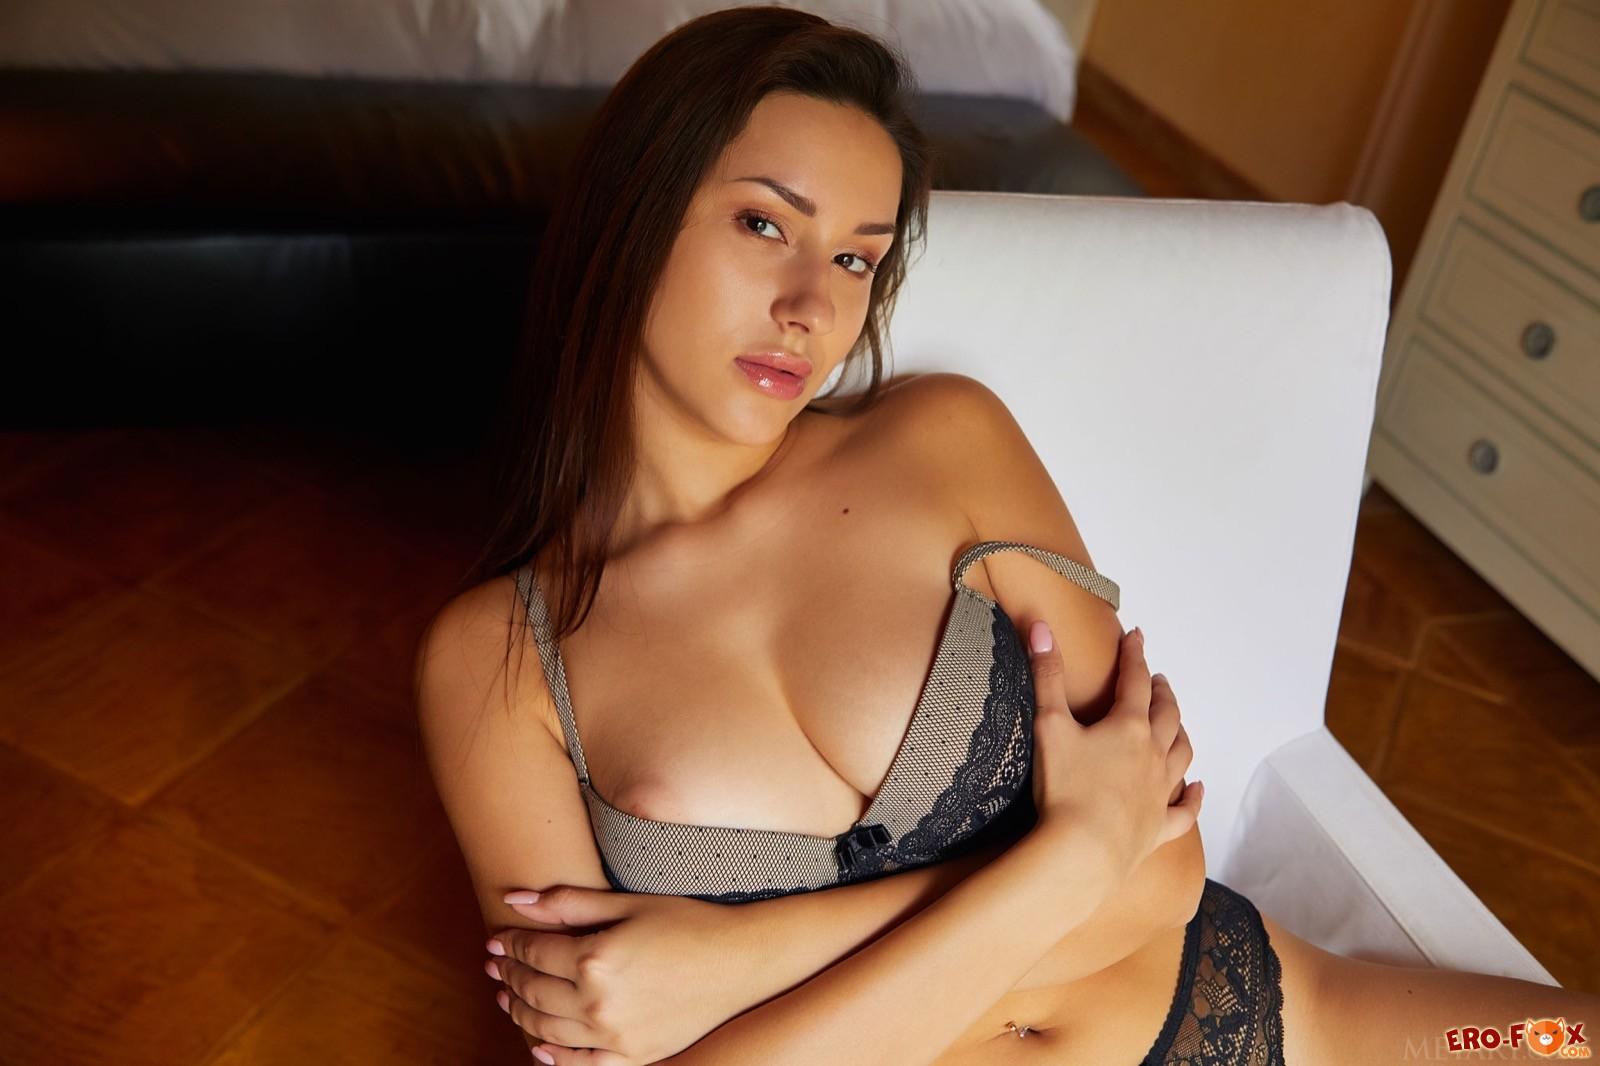 Эффектная девушка с упругой грудью позирует на стуле - фото